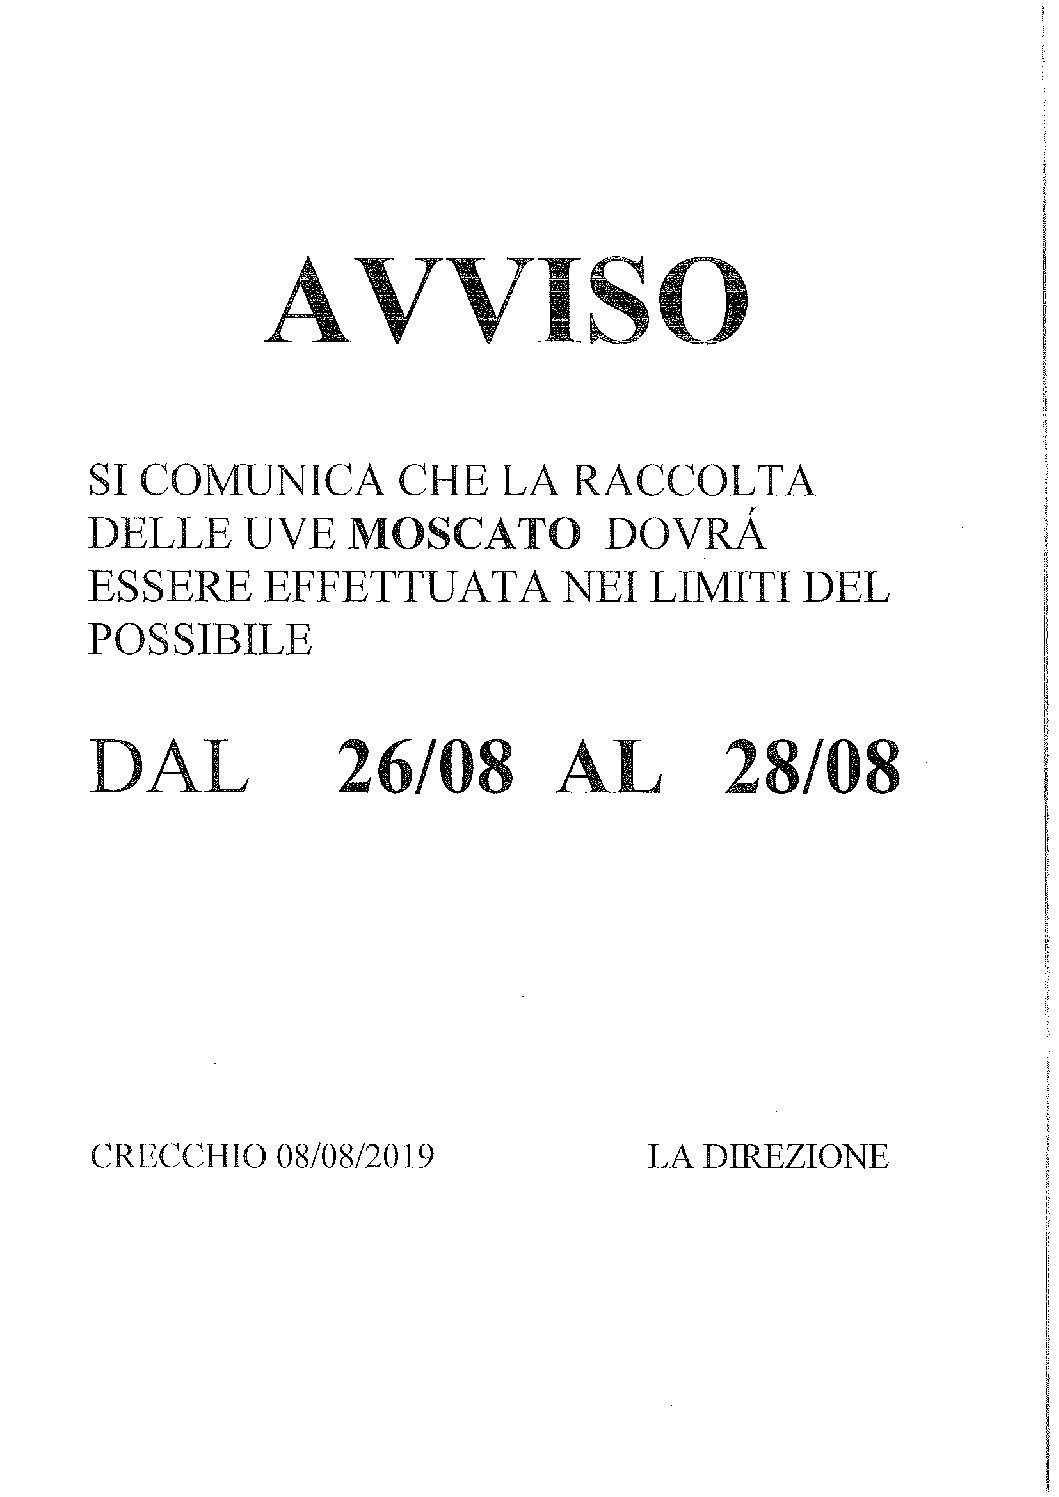 AVVISO RACCOLTA UVE